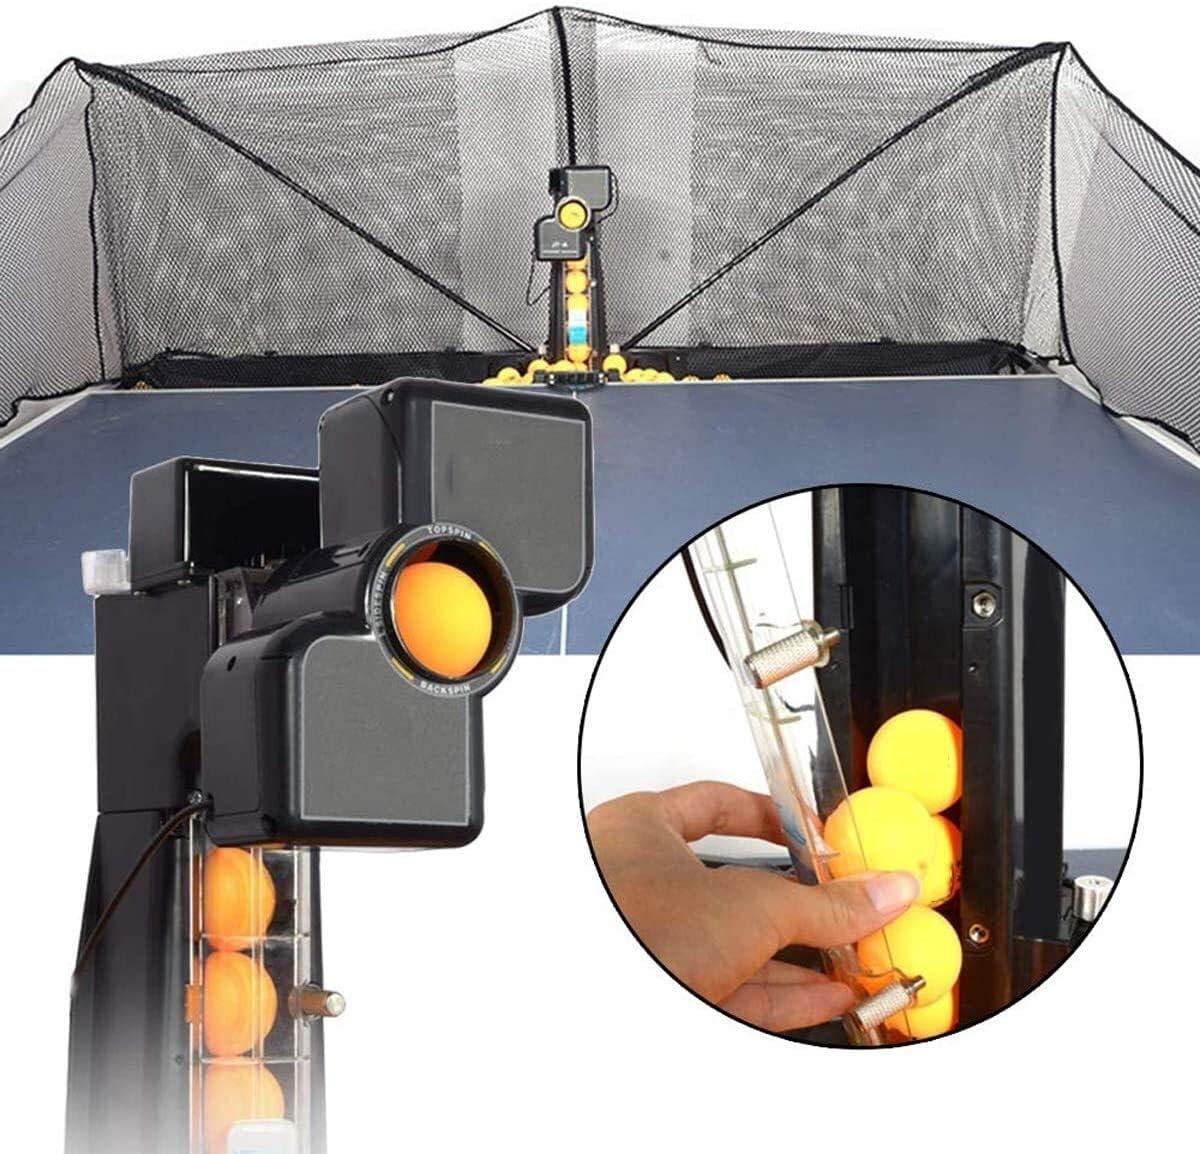 KDKDA Mesa de ping pong Robot Ping Pong máquina robot con diferentes vuelta automática bolas de ping-pong máquina de bolas for la Formación de ping-pong Robot Máquina con la captura automática neto Me